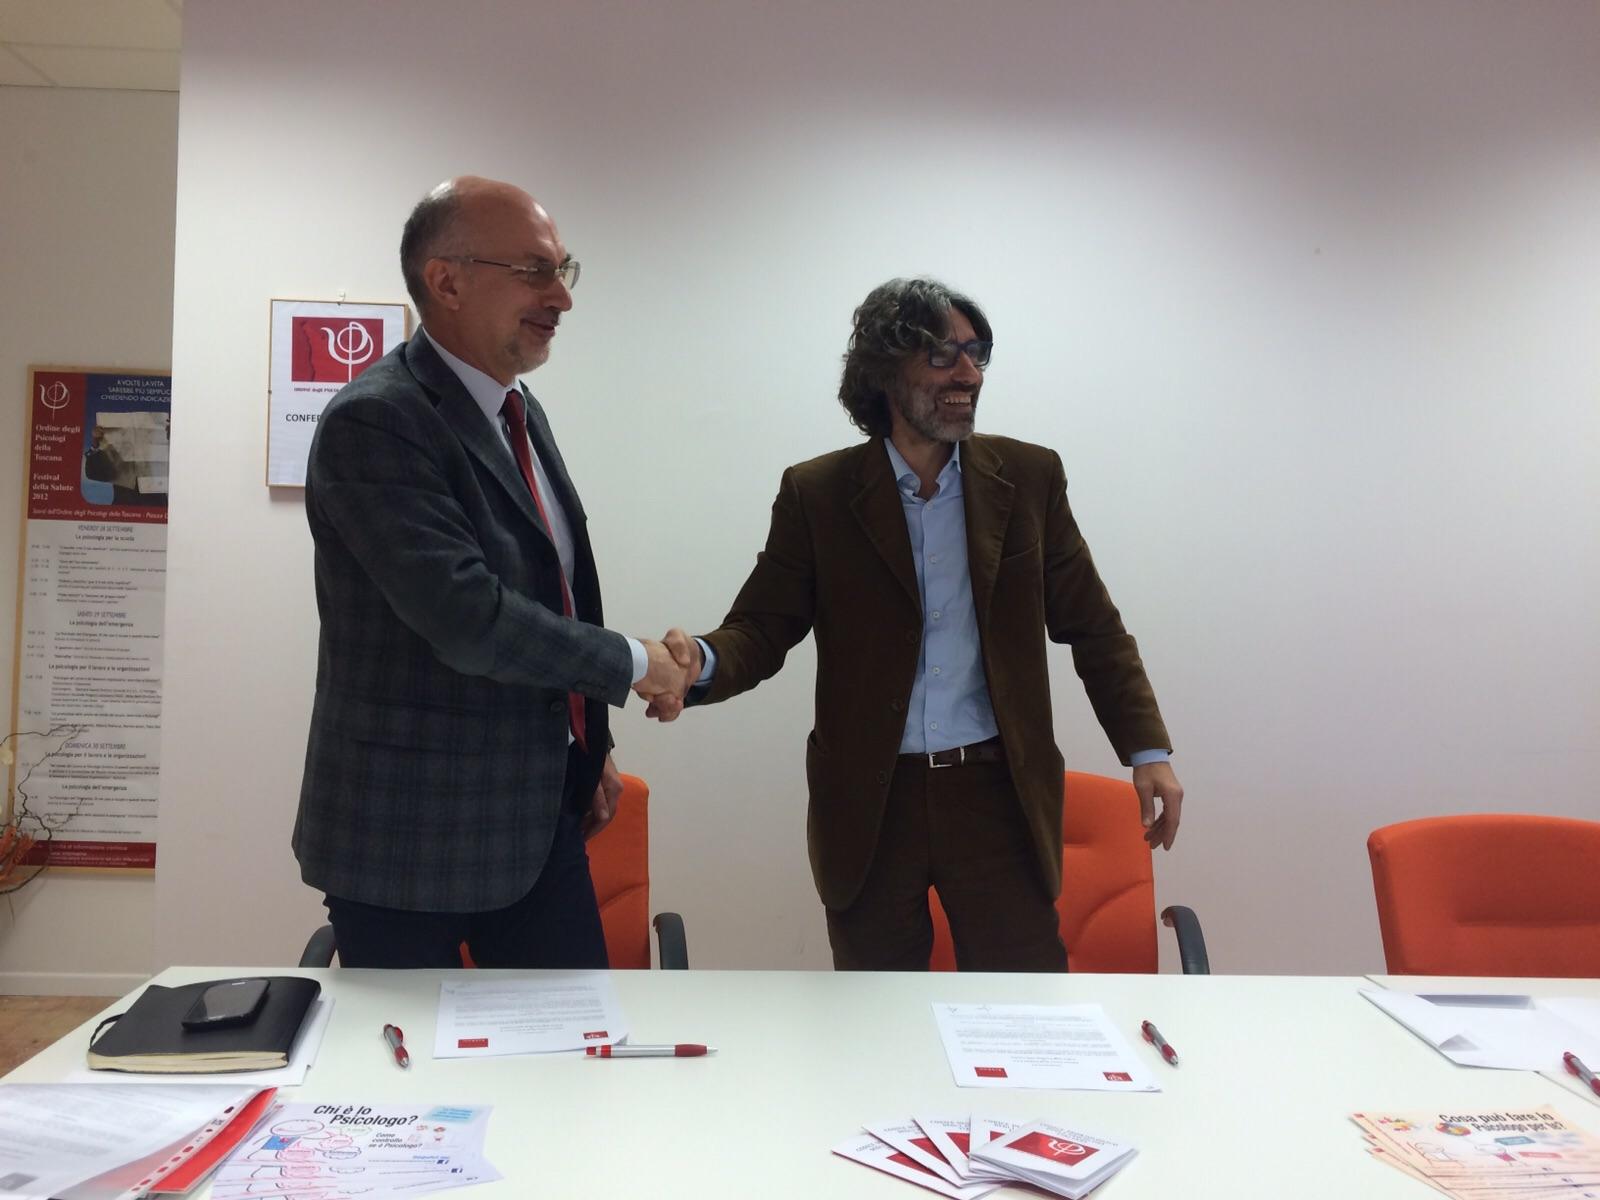 Accordo Ordine Psicologi Toscana Edizioni Centro Studi